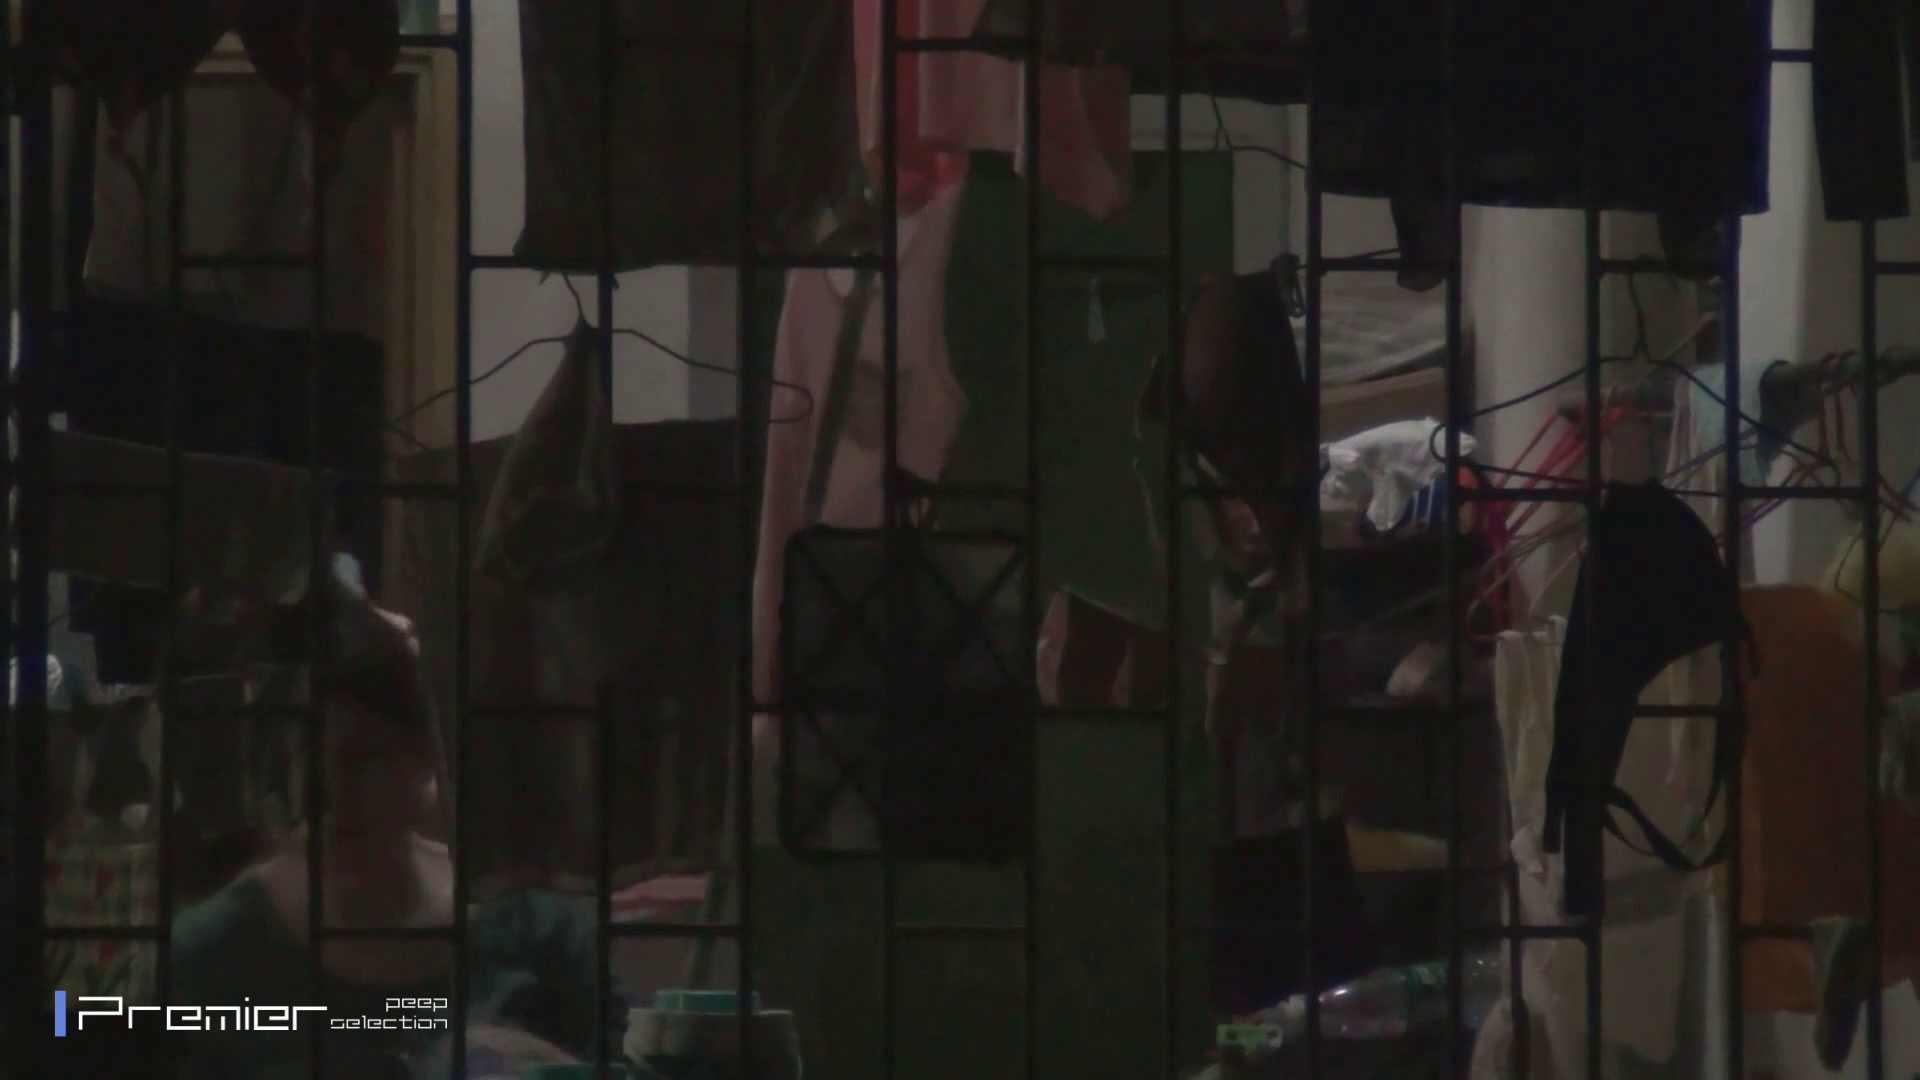 美女の痴態に密着!洗濯物を干す女 Vol.07 エッチすぎる美女 オマンコ無修正動画無料 30連発 19